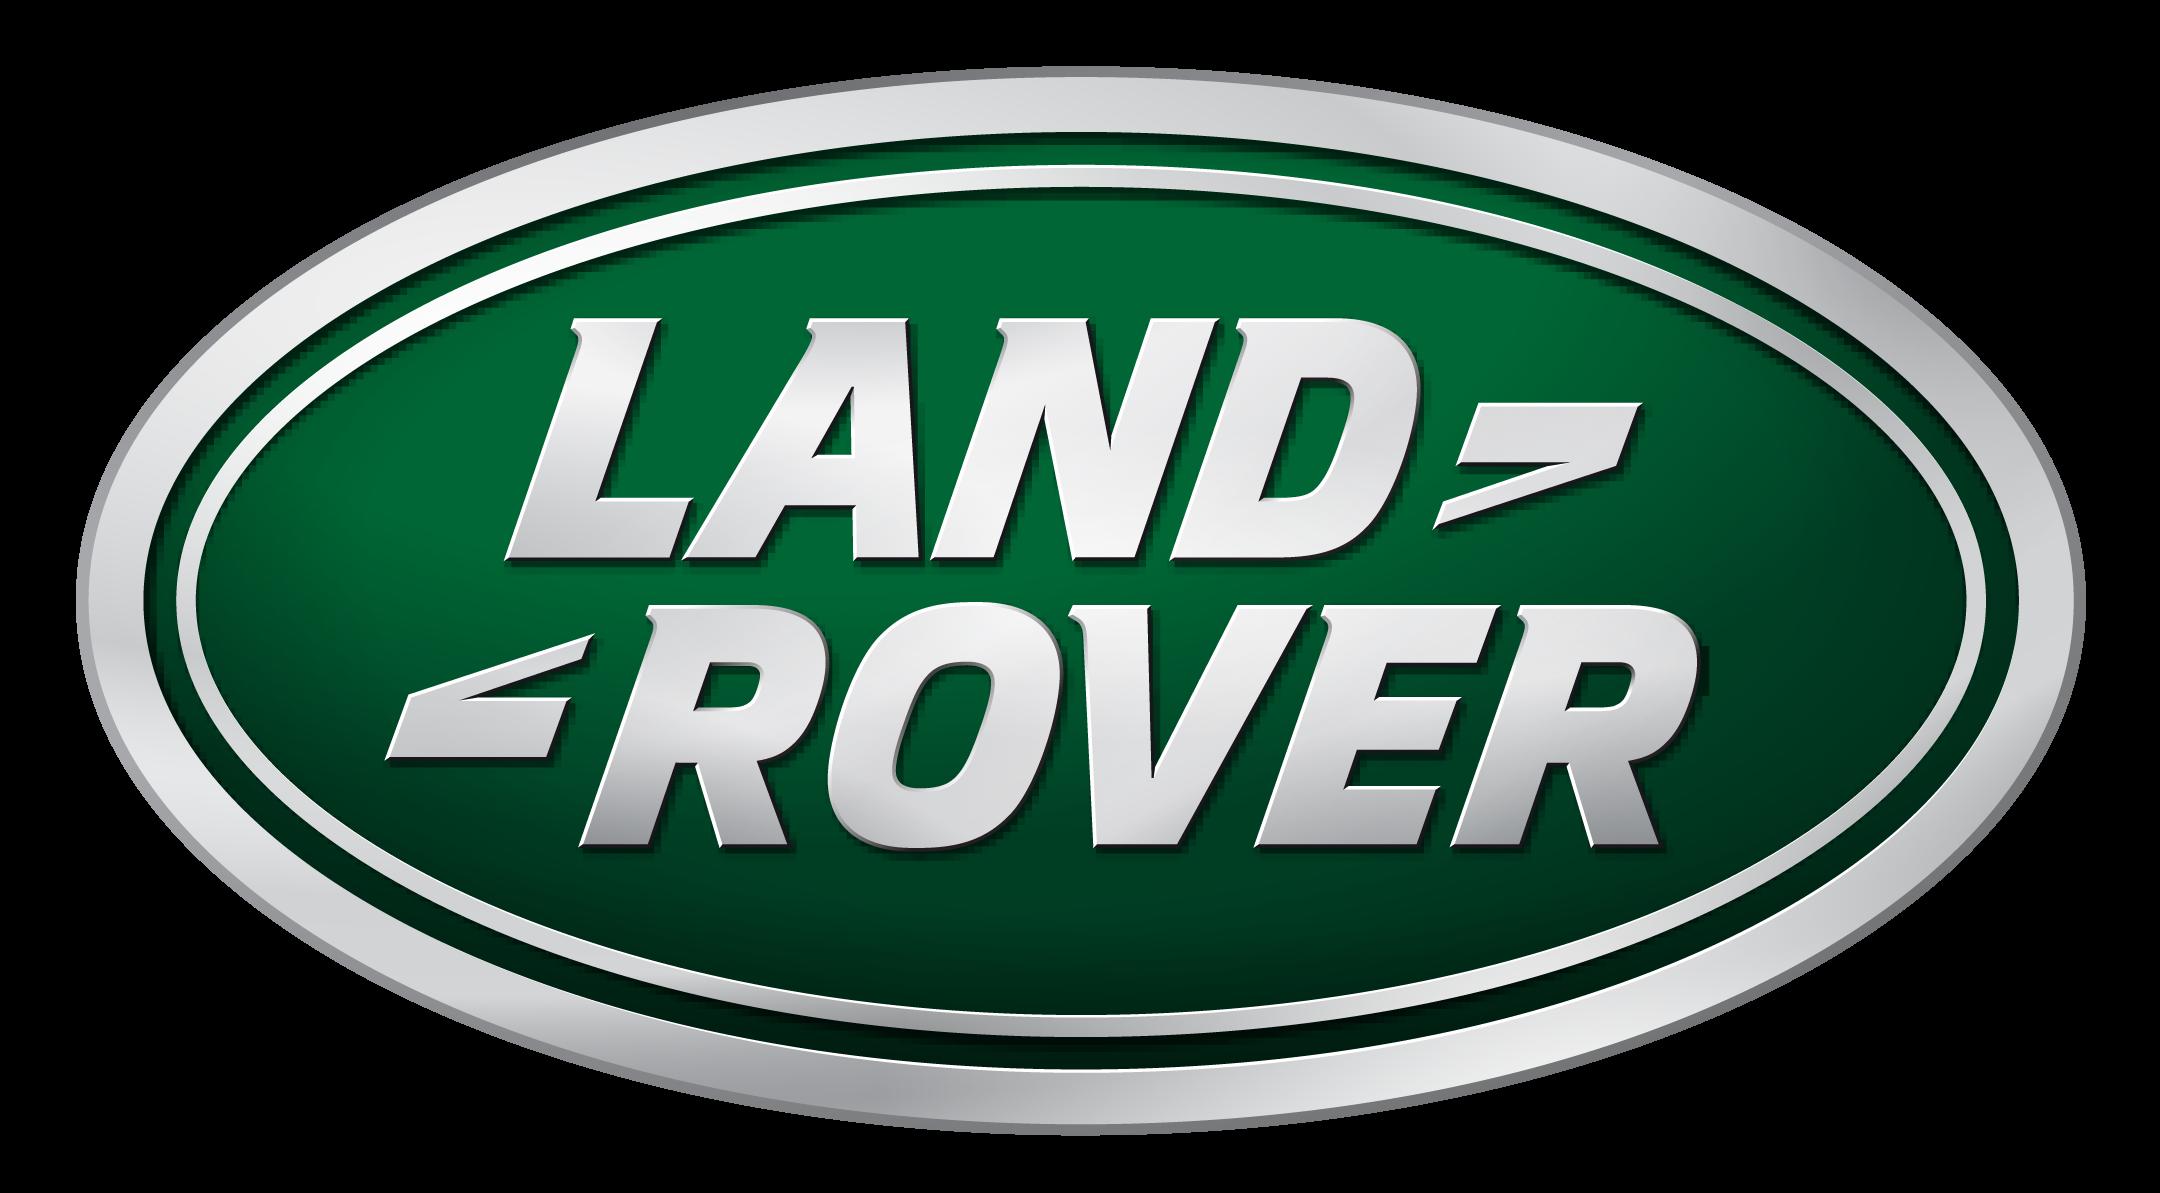 land rover logo 1 - Land Rover Logo